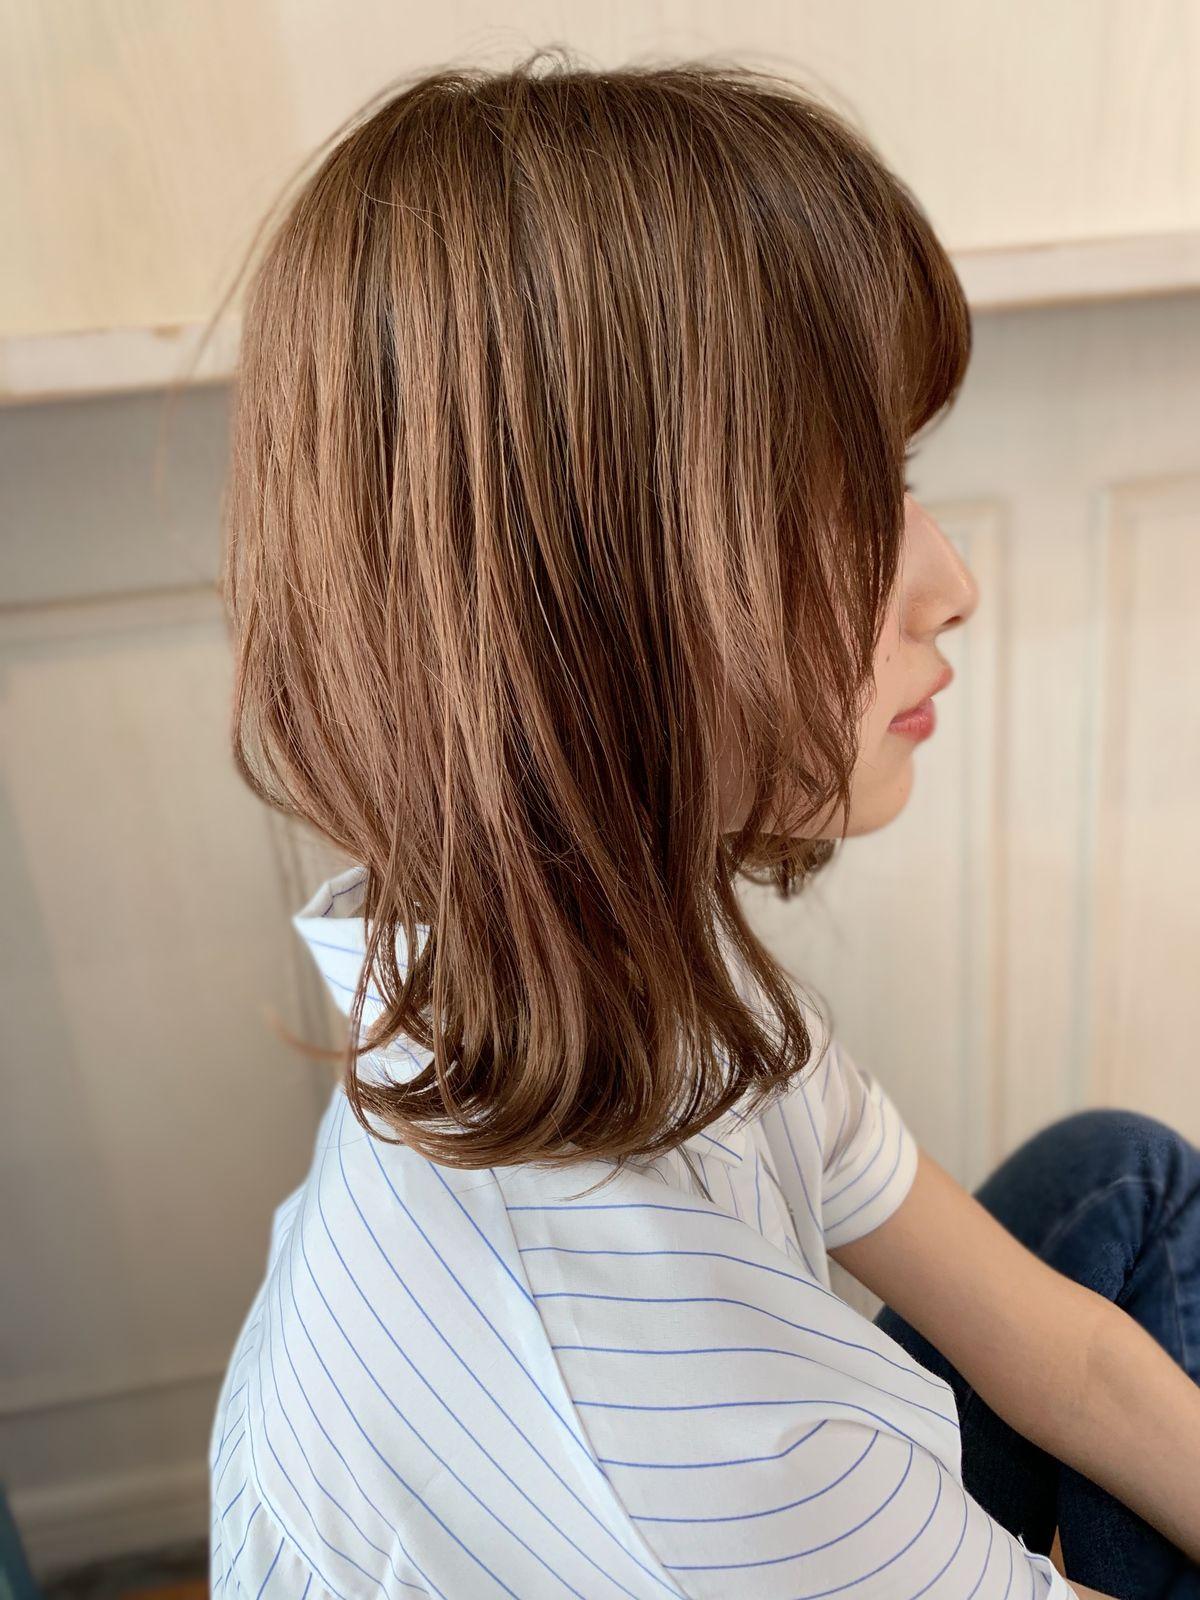 大人かわいいボブディ 束感無造作カールセミディ Maria By Afloatのヘアスタイル ヘアスタイル 40代 ヘアスタイル カラフルヘア